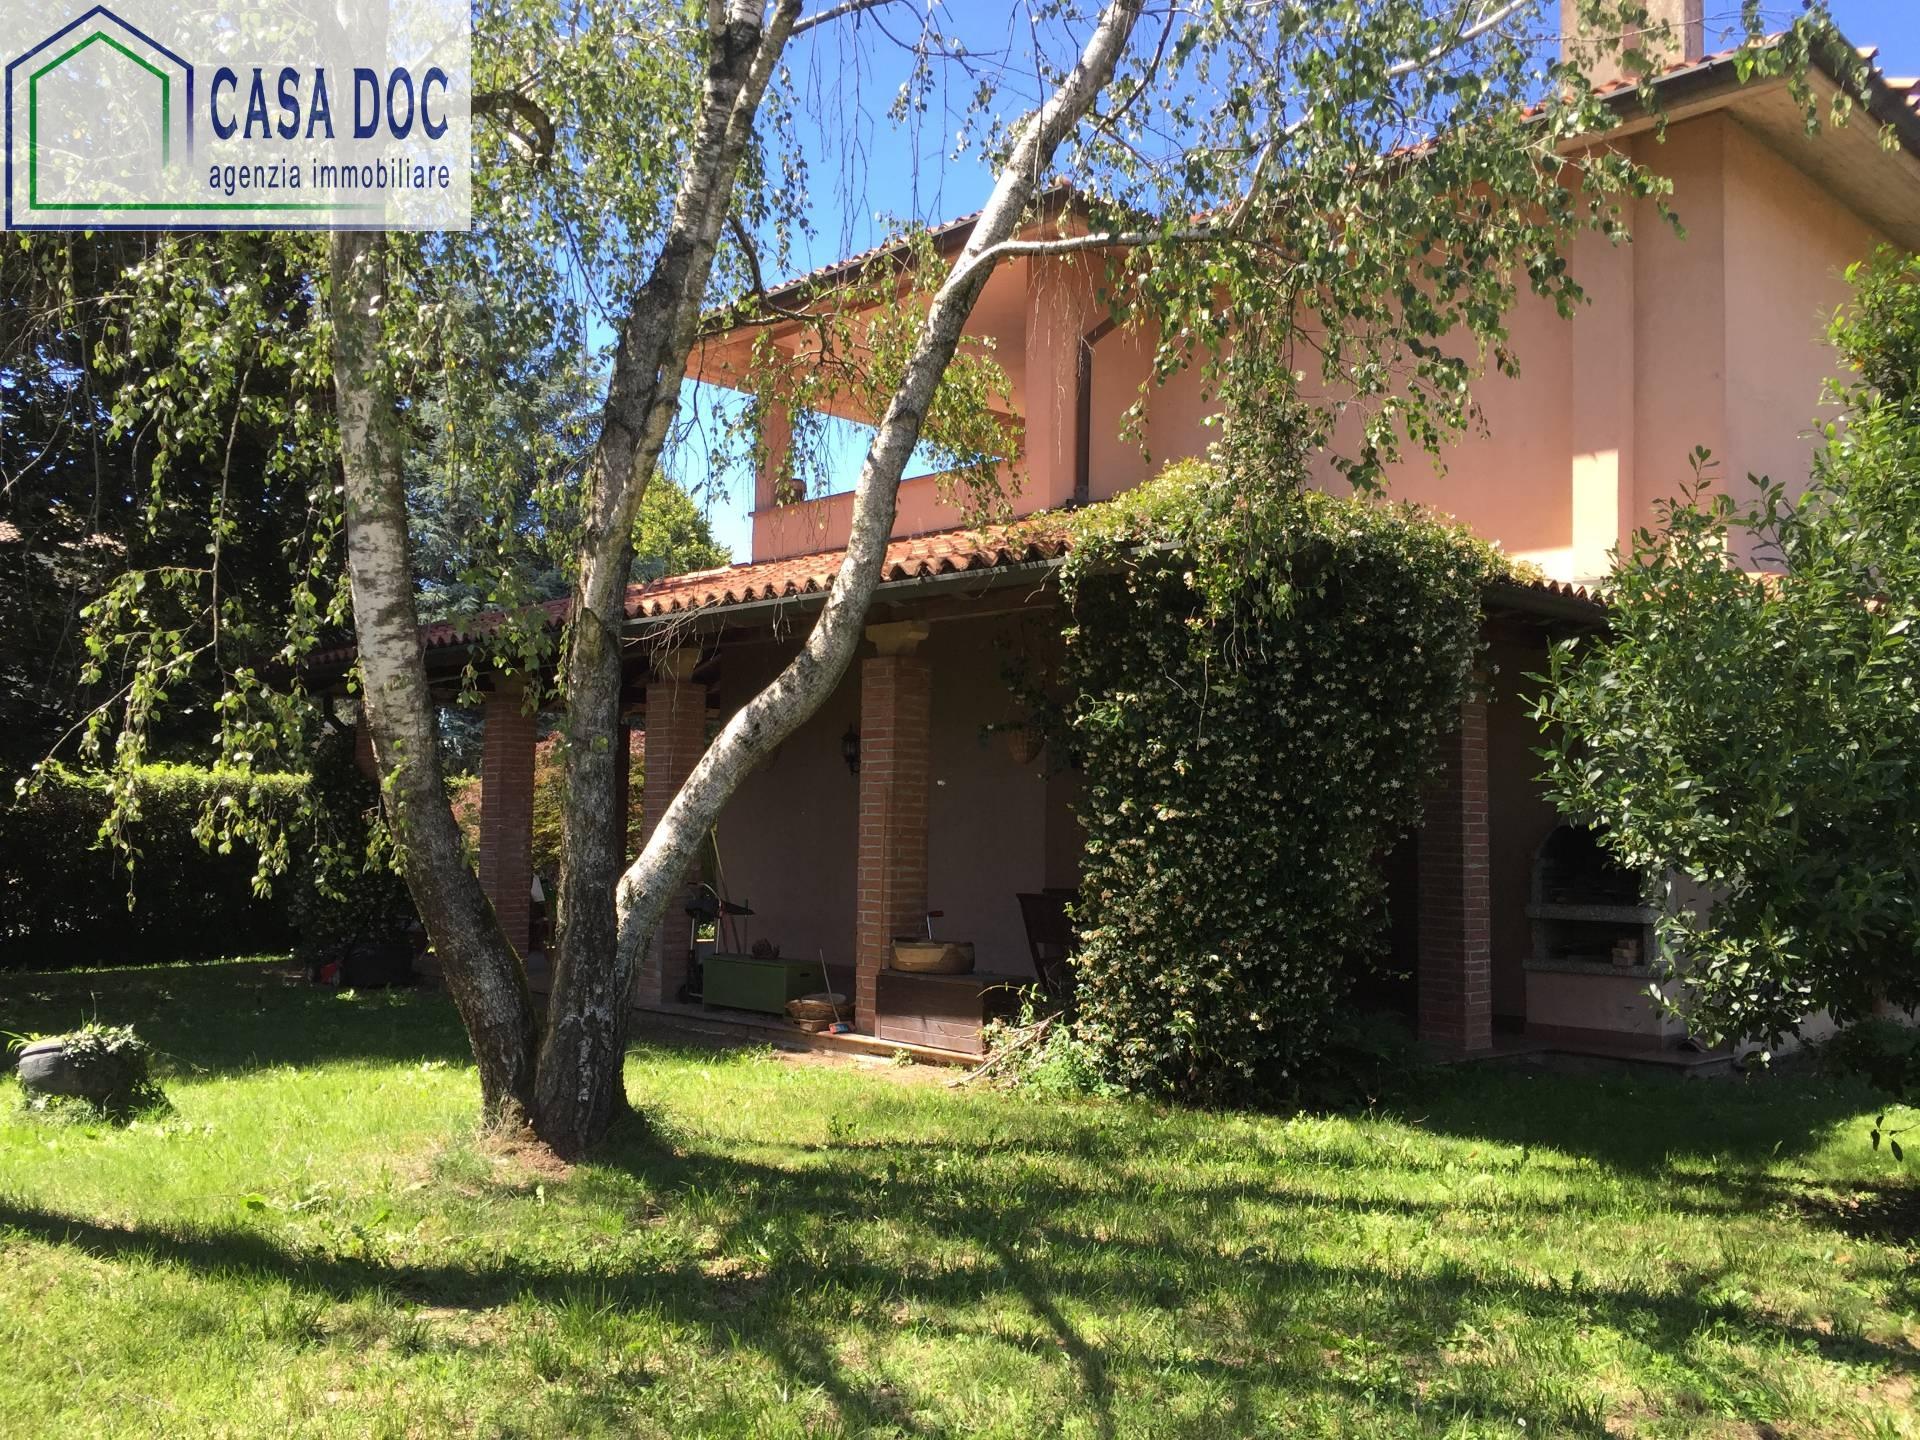 Villa in vendita a Siziano, 4 locali, prezzo € 309.000 | CambioCasa.it